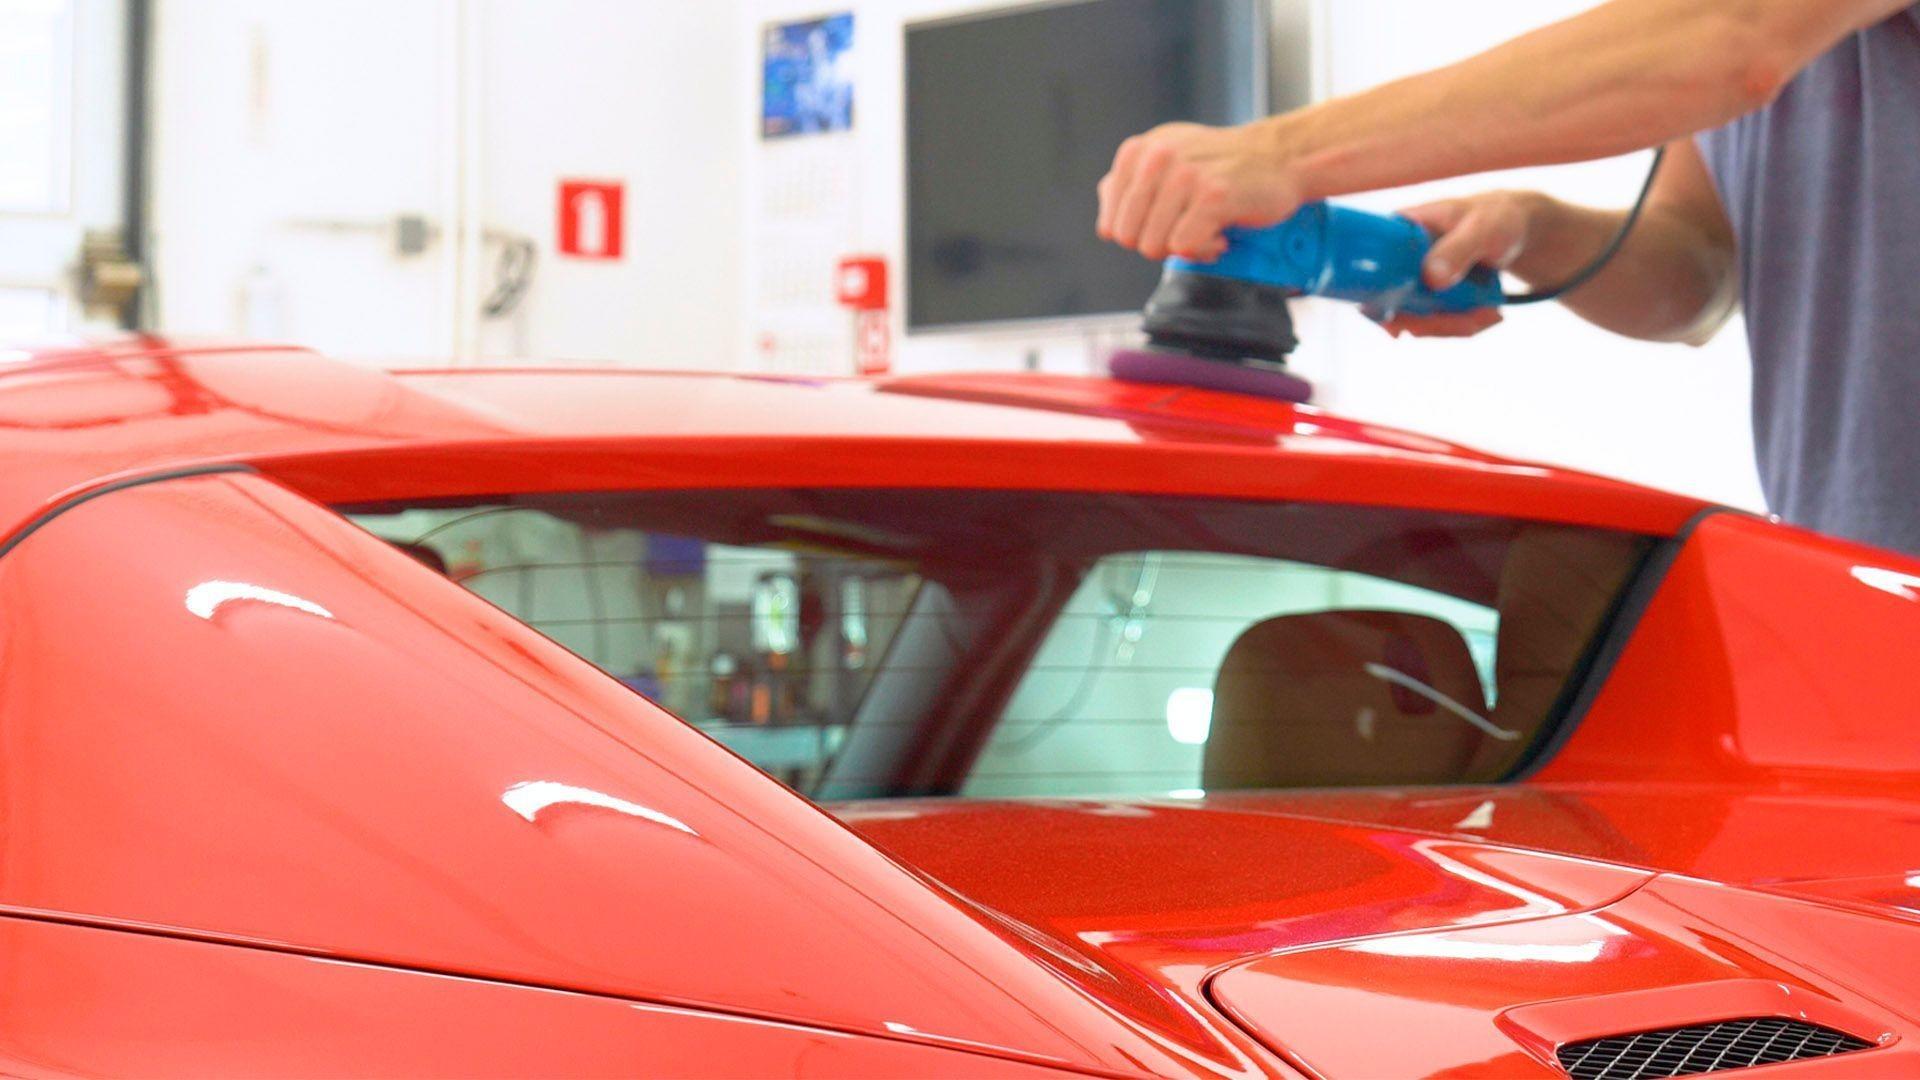 000_taller_coches_chapa_y_pintura_vehículo__pulir